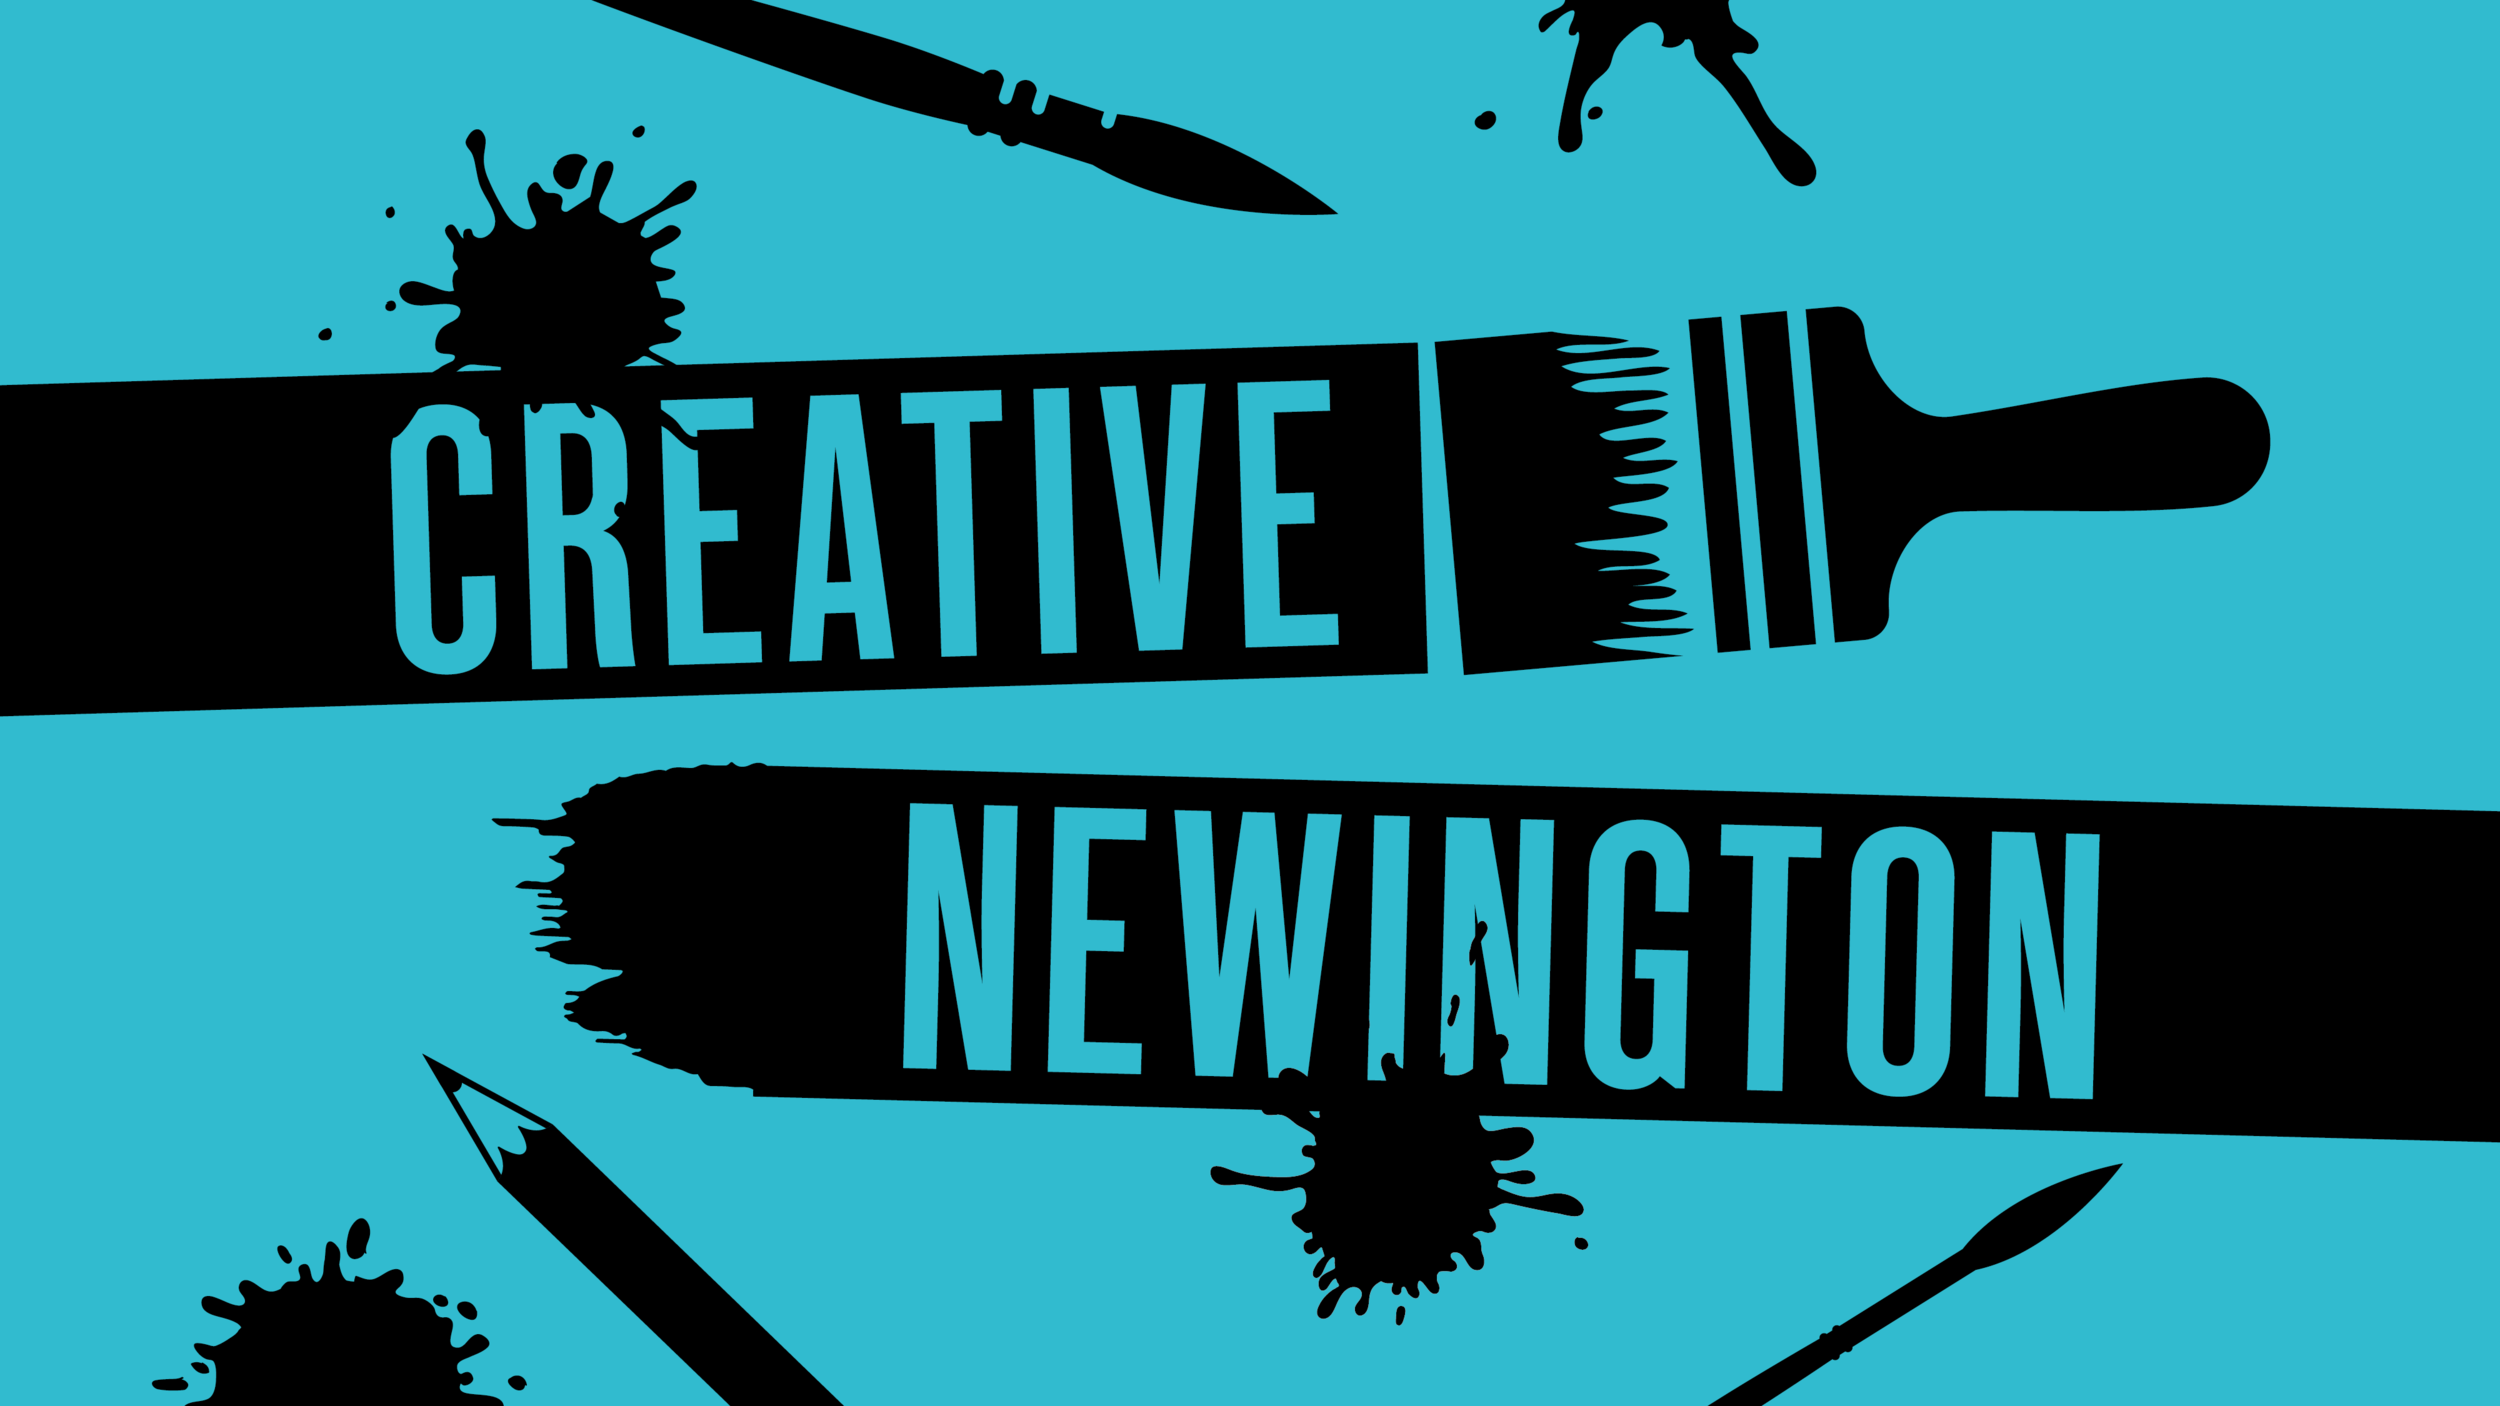 CREATIVE NEWINGTON